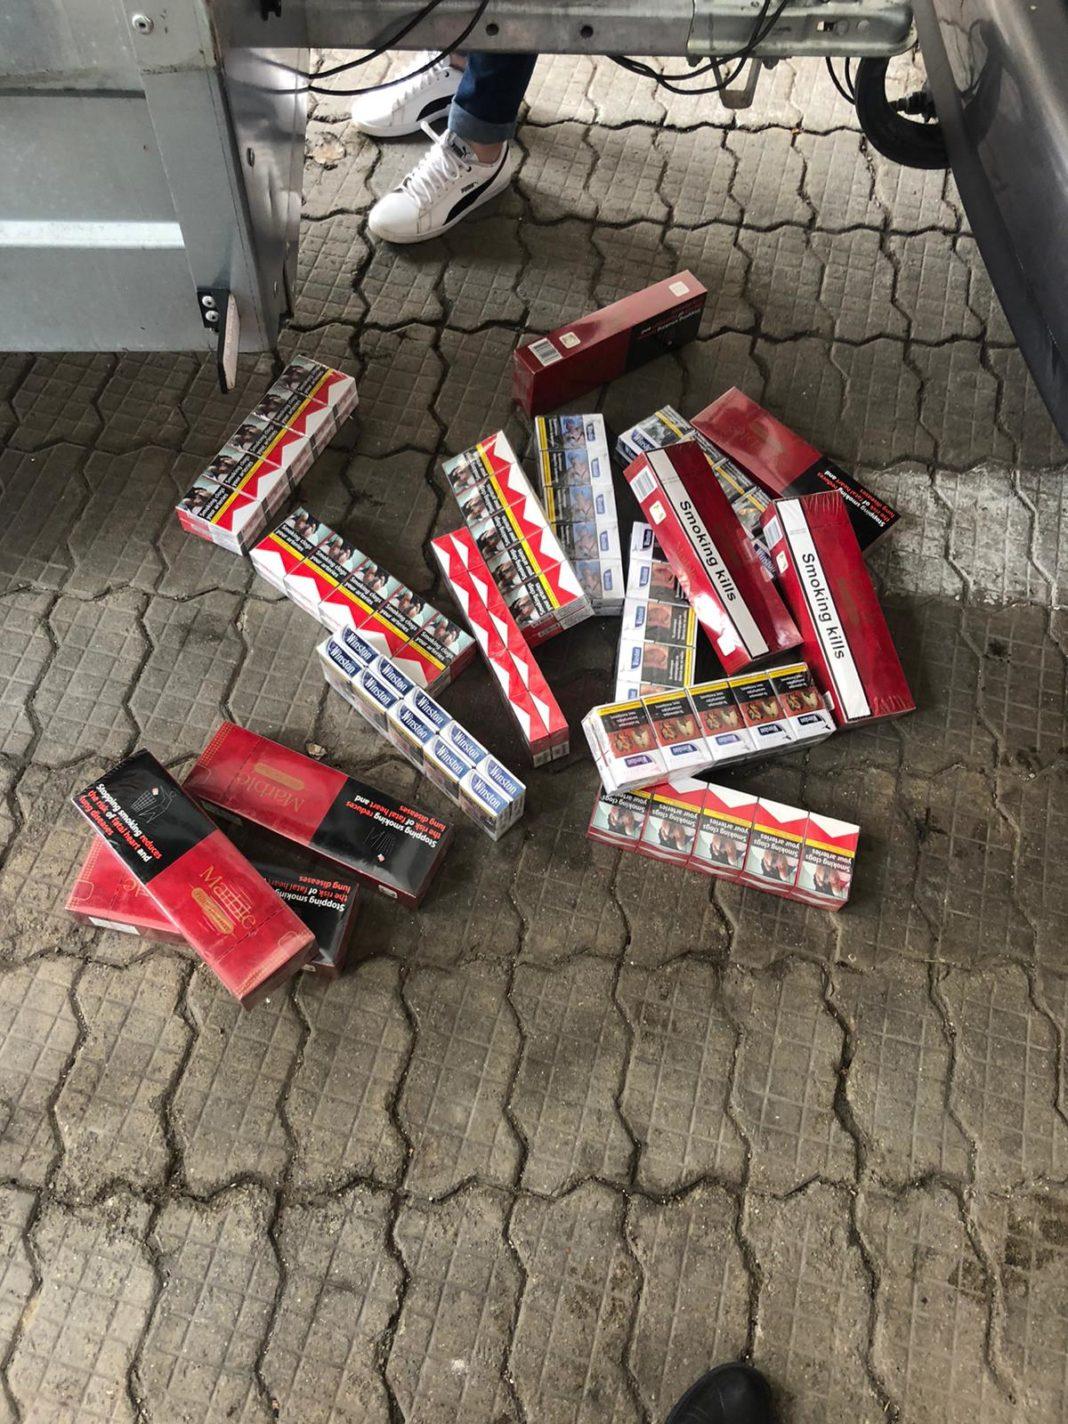 Poliţiştii craioveni cercetează două persoane din municipiu pentru contrabandă cu țigări, după ce au fost găsite în timp ce le vindeau